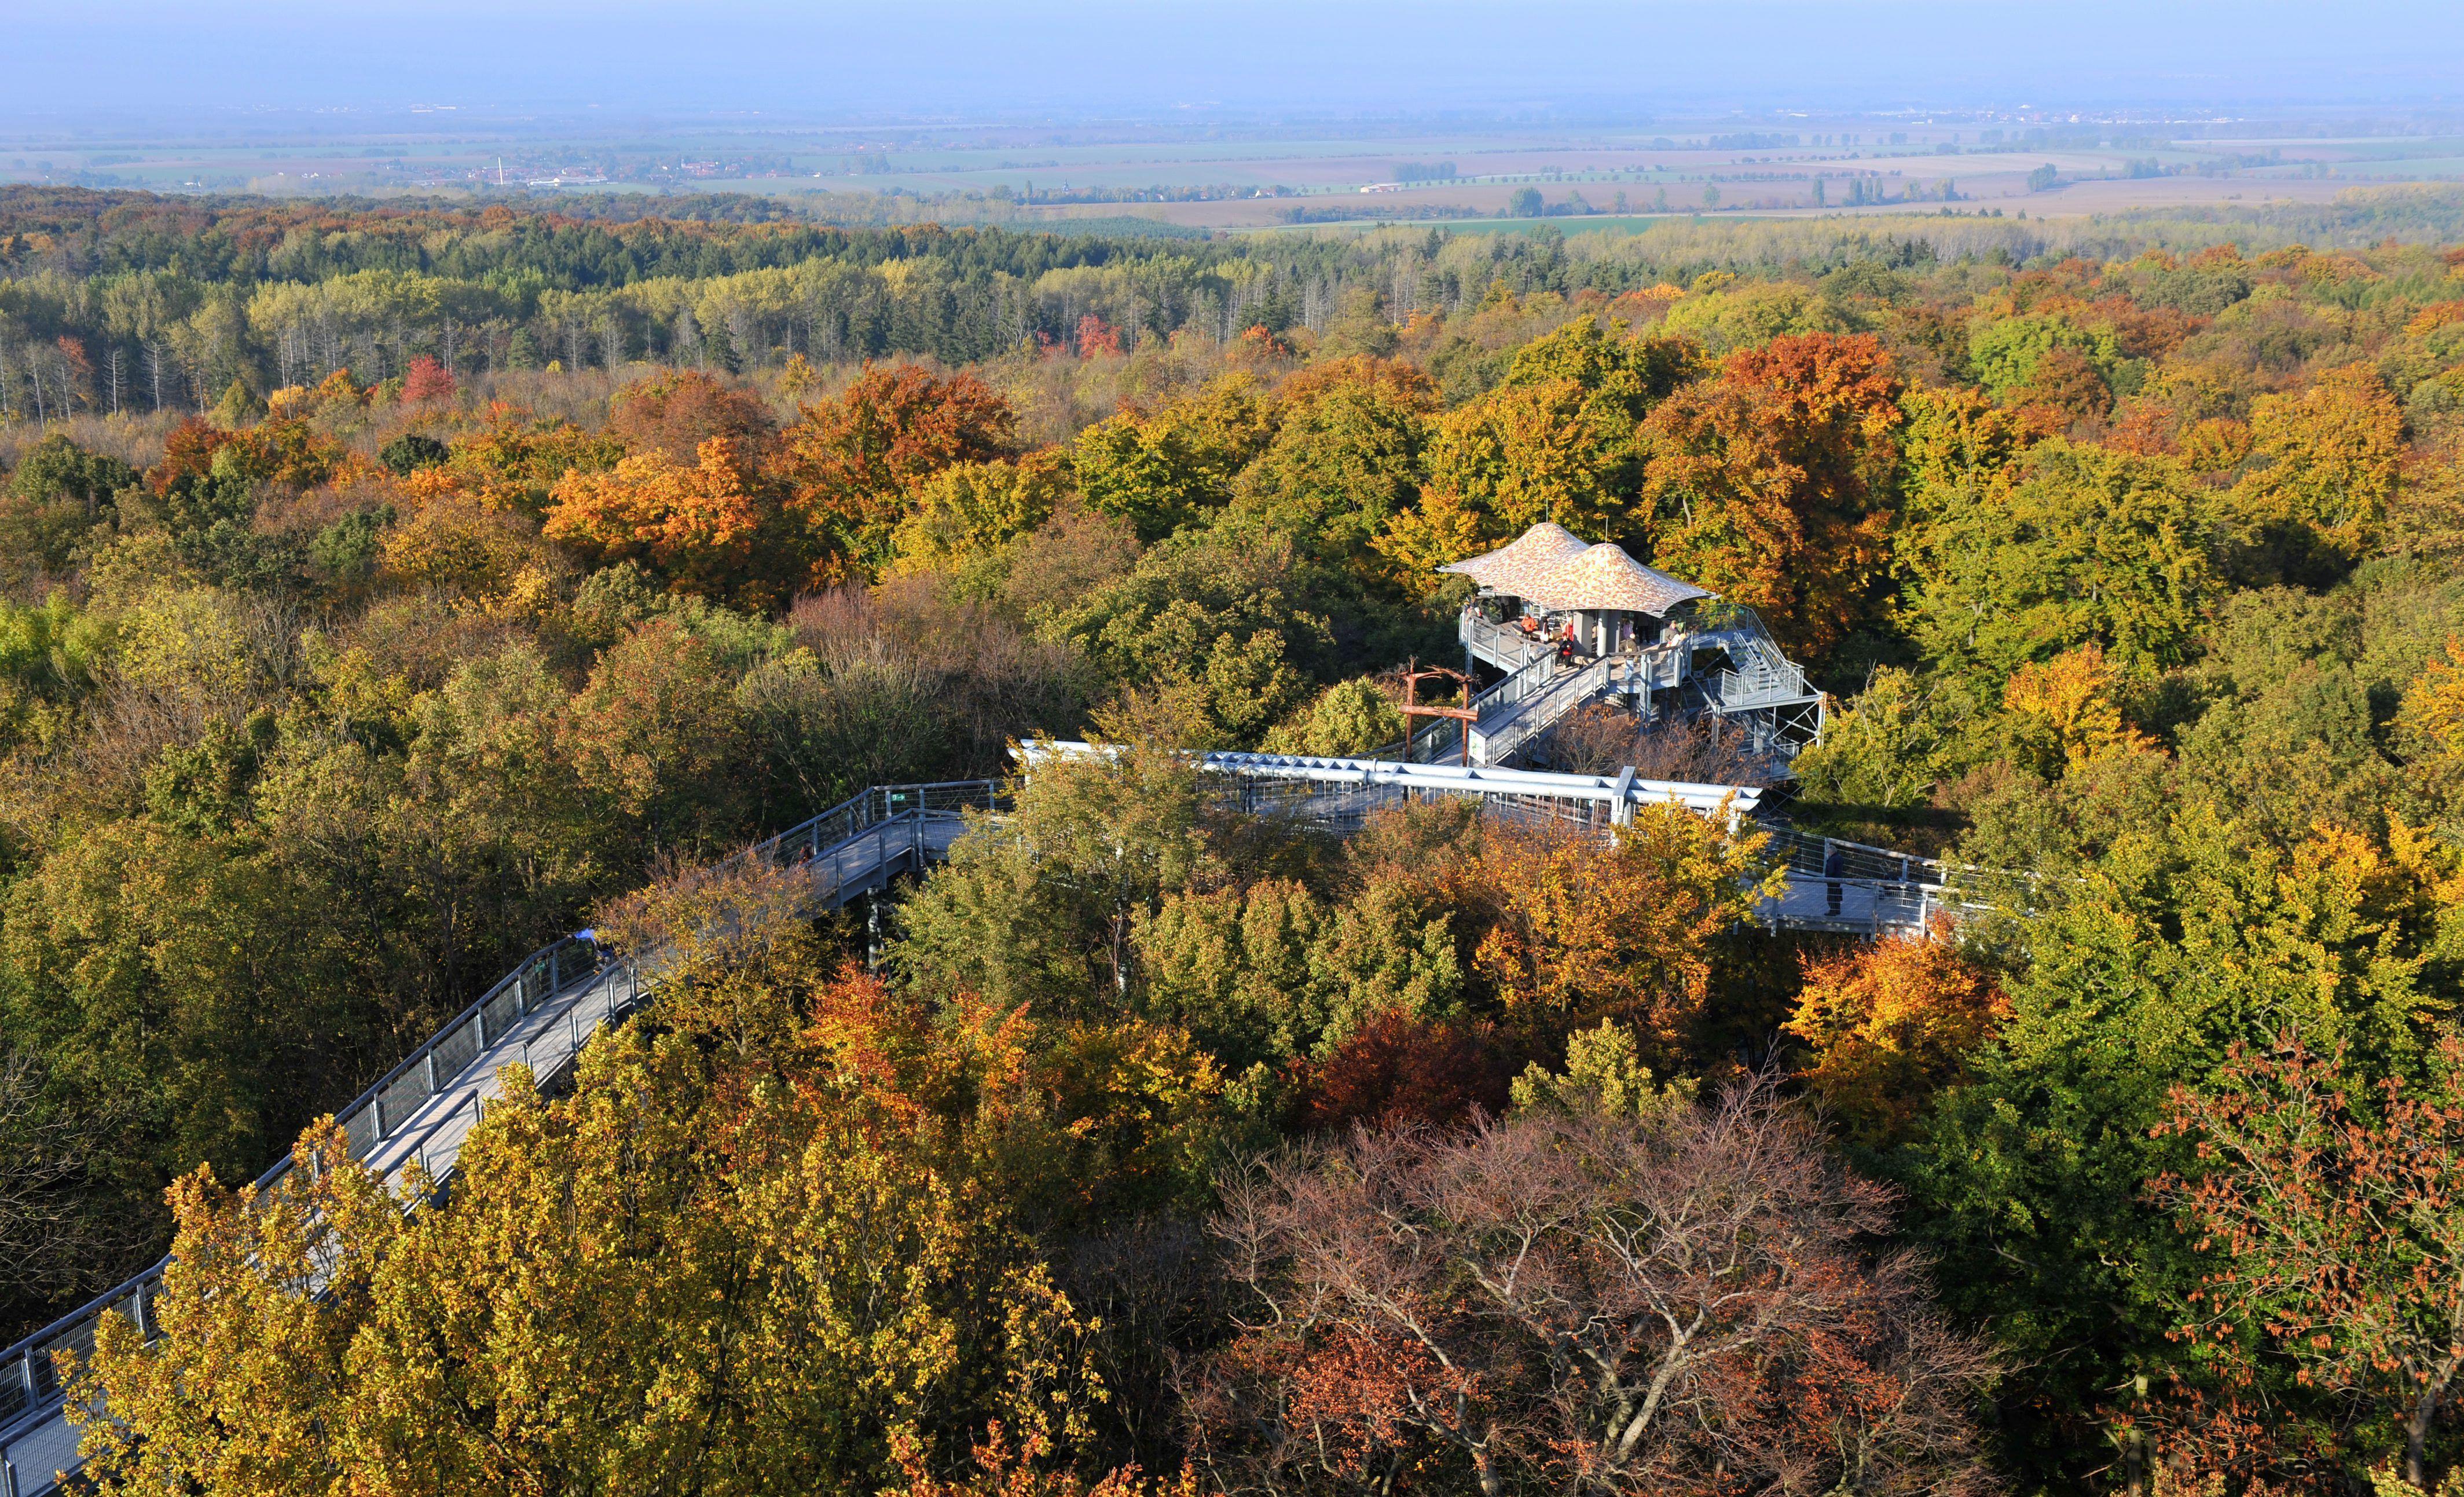 Der Baumkronenpfad Bietet Einen Blick Auf Den Herbstlich Gefärbten  Nationalpark Hainich. Foto: Alexander Volkmann